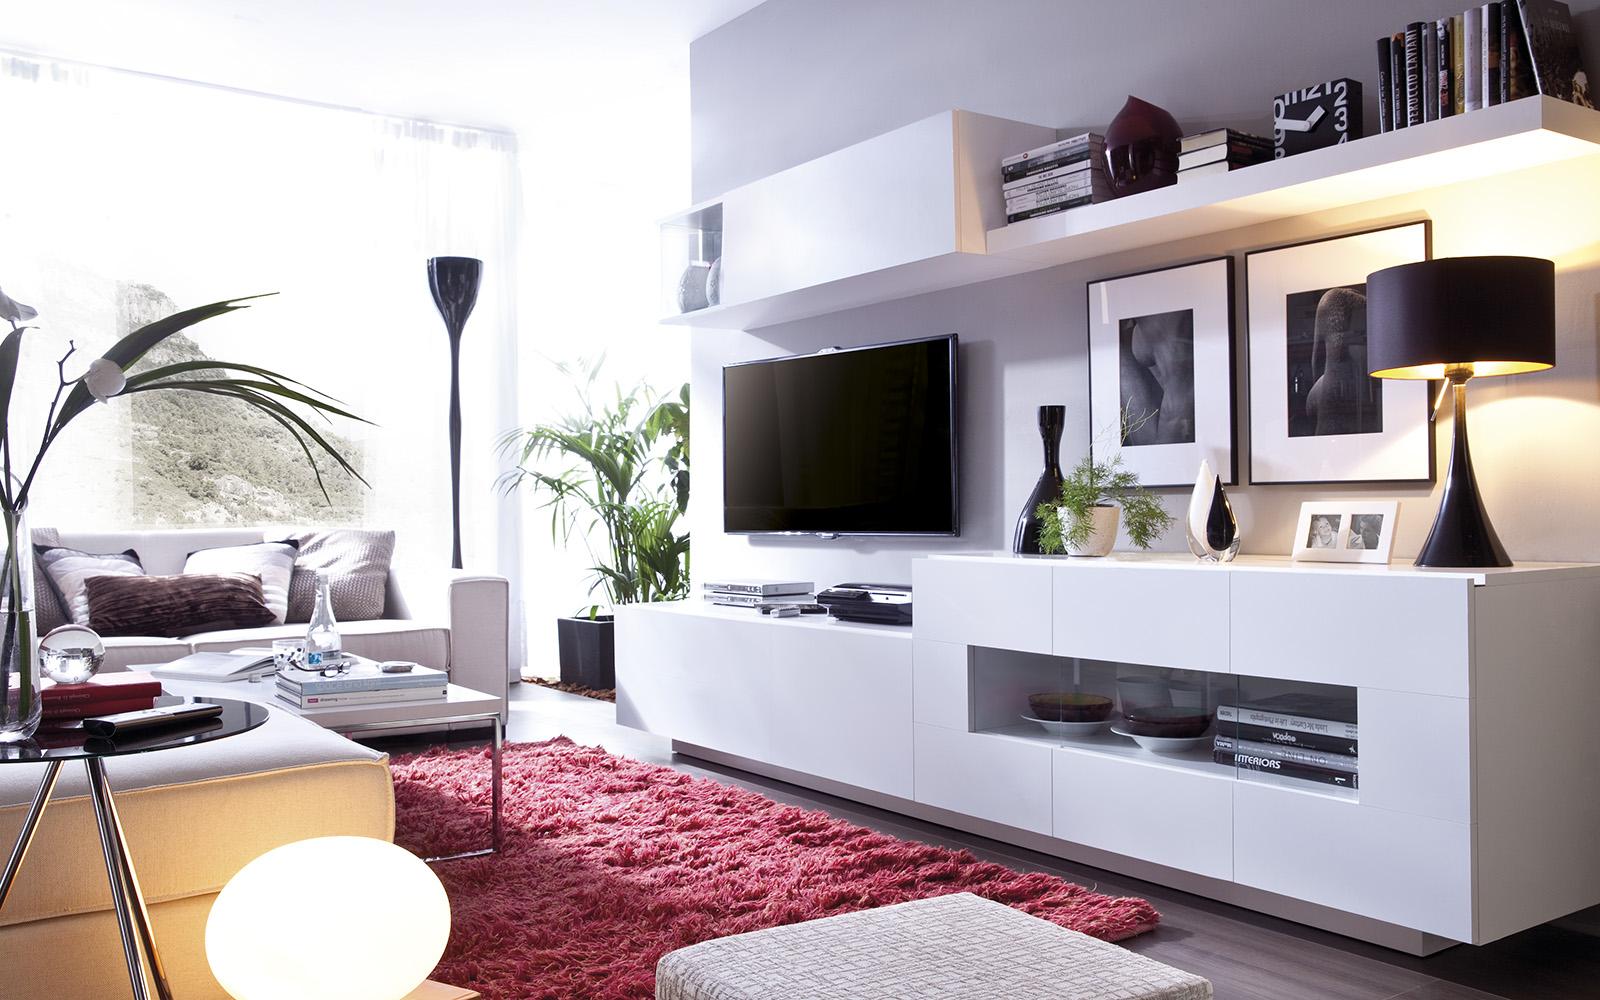 Tatat muebles a medida y m s expertos en mueble juvenil for Muebles para salones pequenos